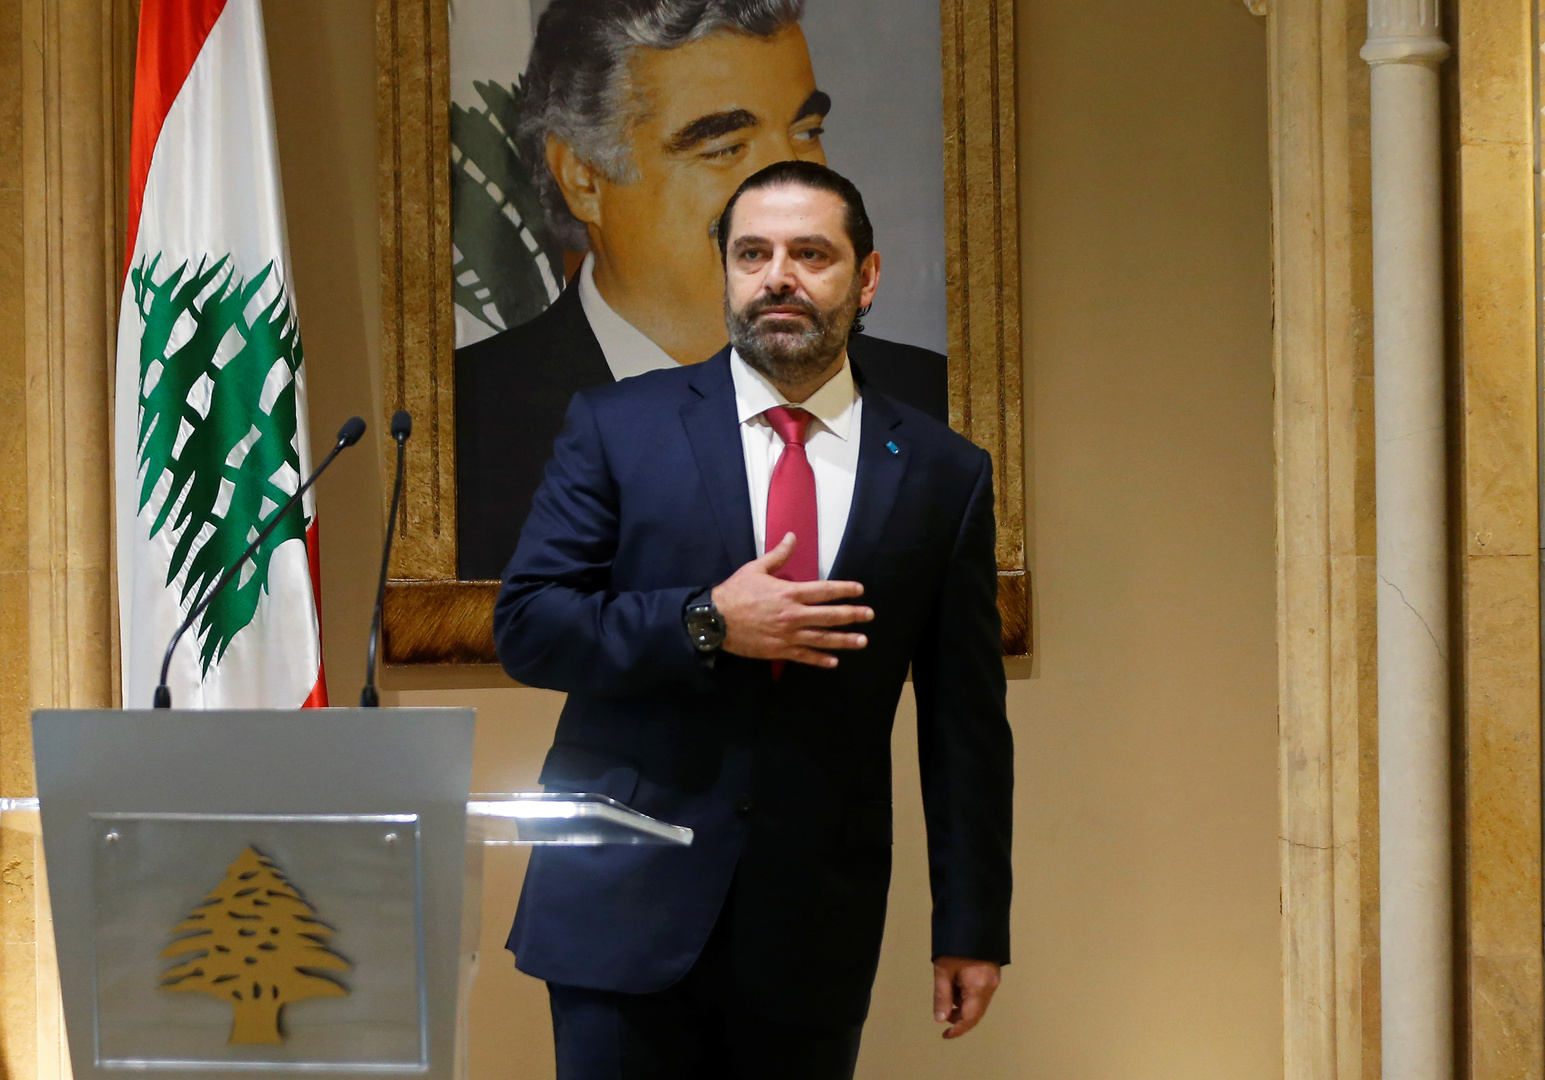 الحريري: الاعتدال والوسطية يبقيان قاعدة الإسلام